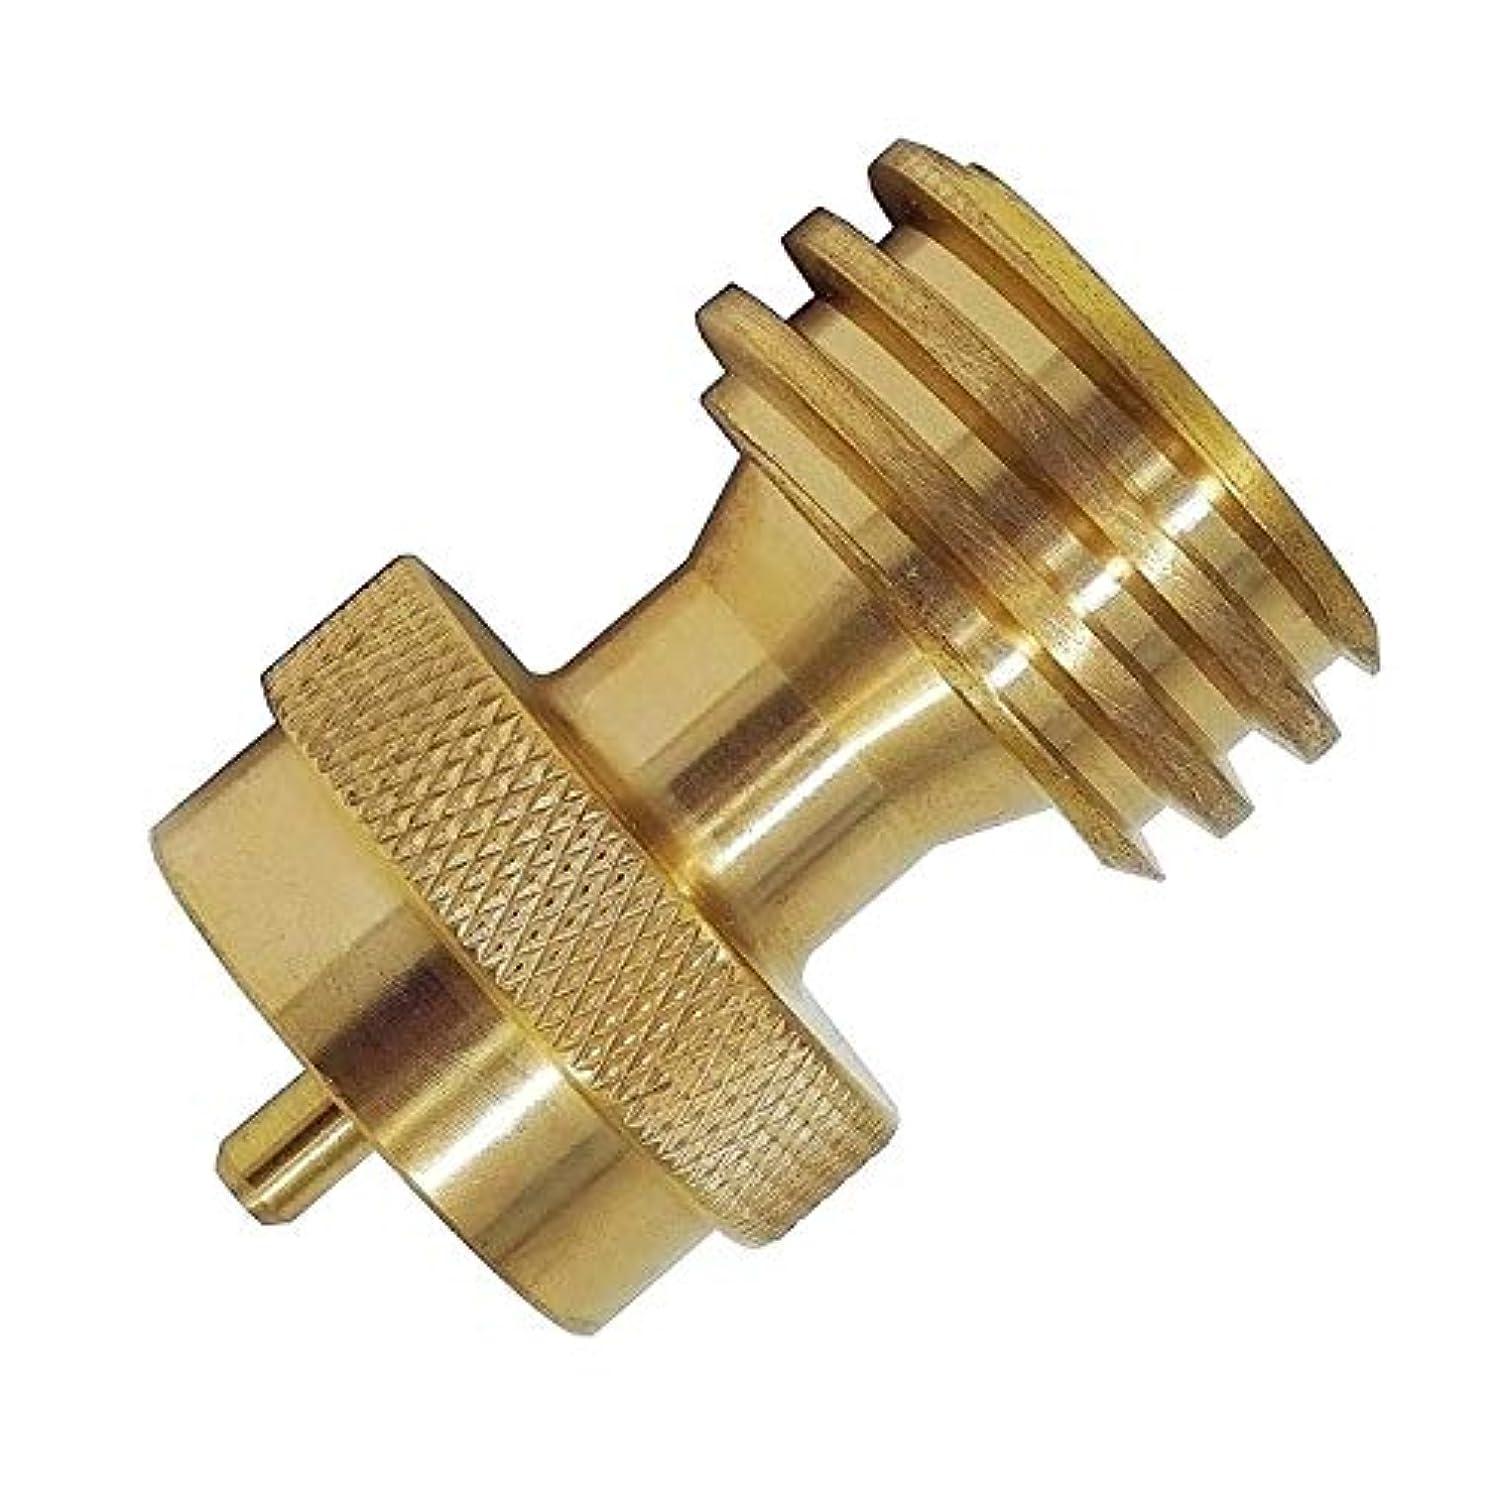 気がついて未払い手CUHAWUDBA 屋外用ガスシリンダーアダプター、バルブコントロール付き、ローレット付きアダプター調整可能気管銅製コネクター